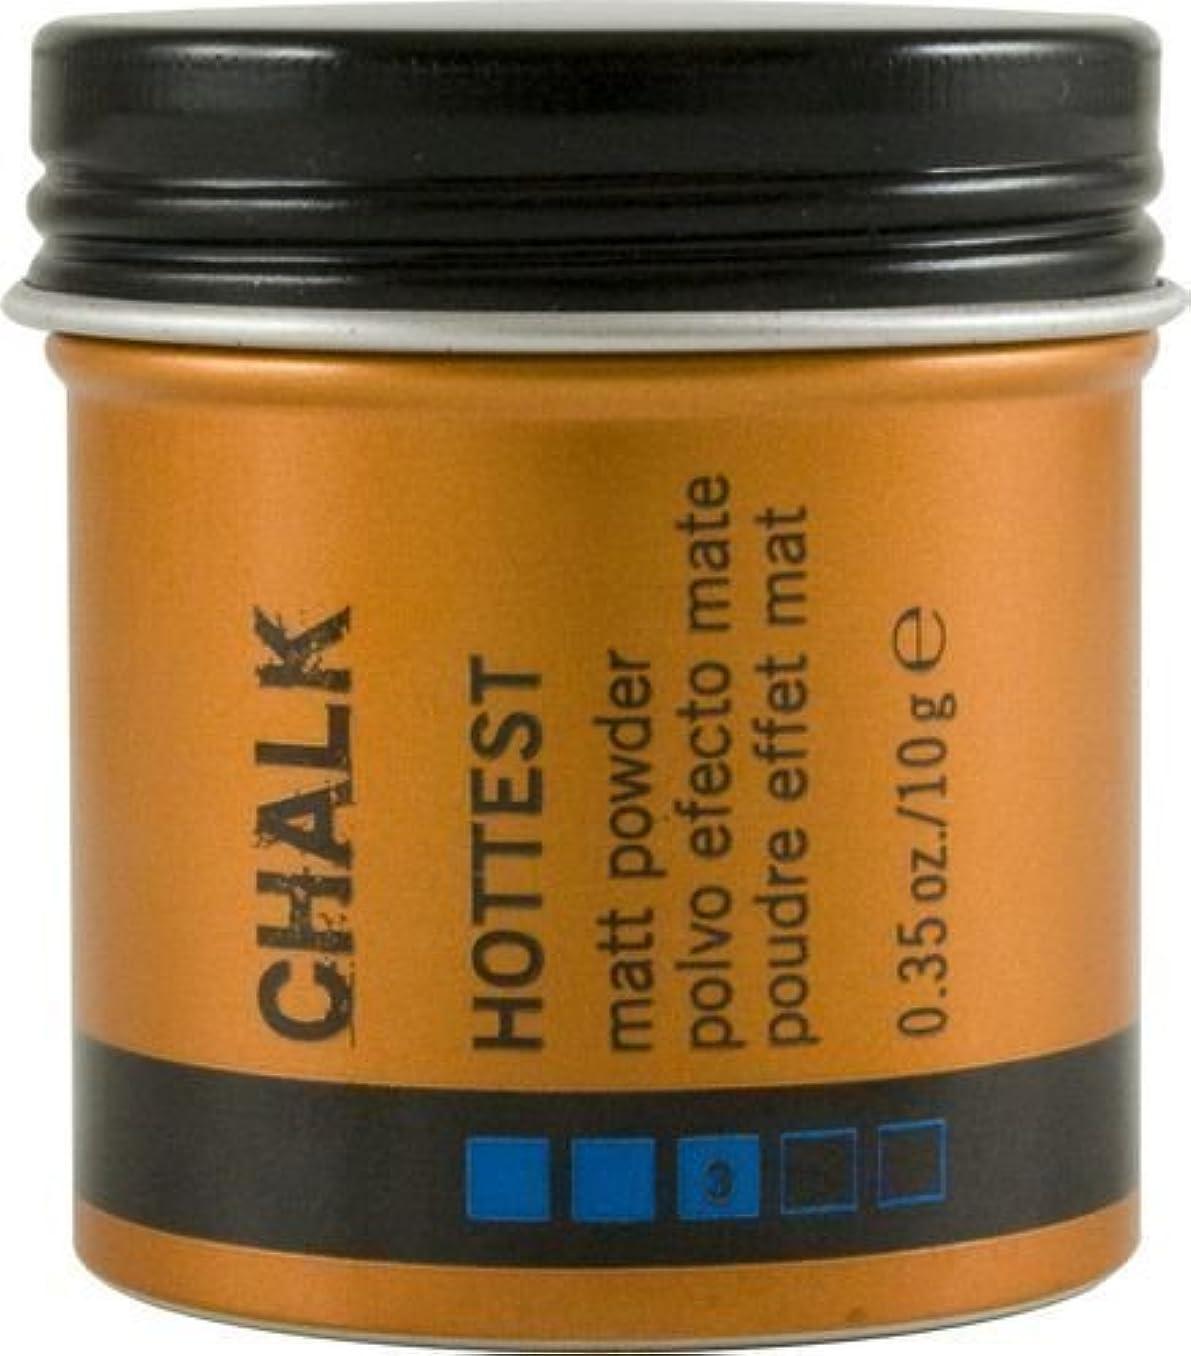 交換交換グリットLakme K.Style Chalk Hottest Matt powder 0.35 oz/ 10 g by Lakme